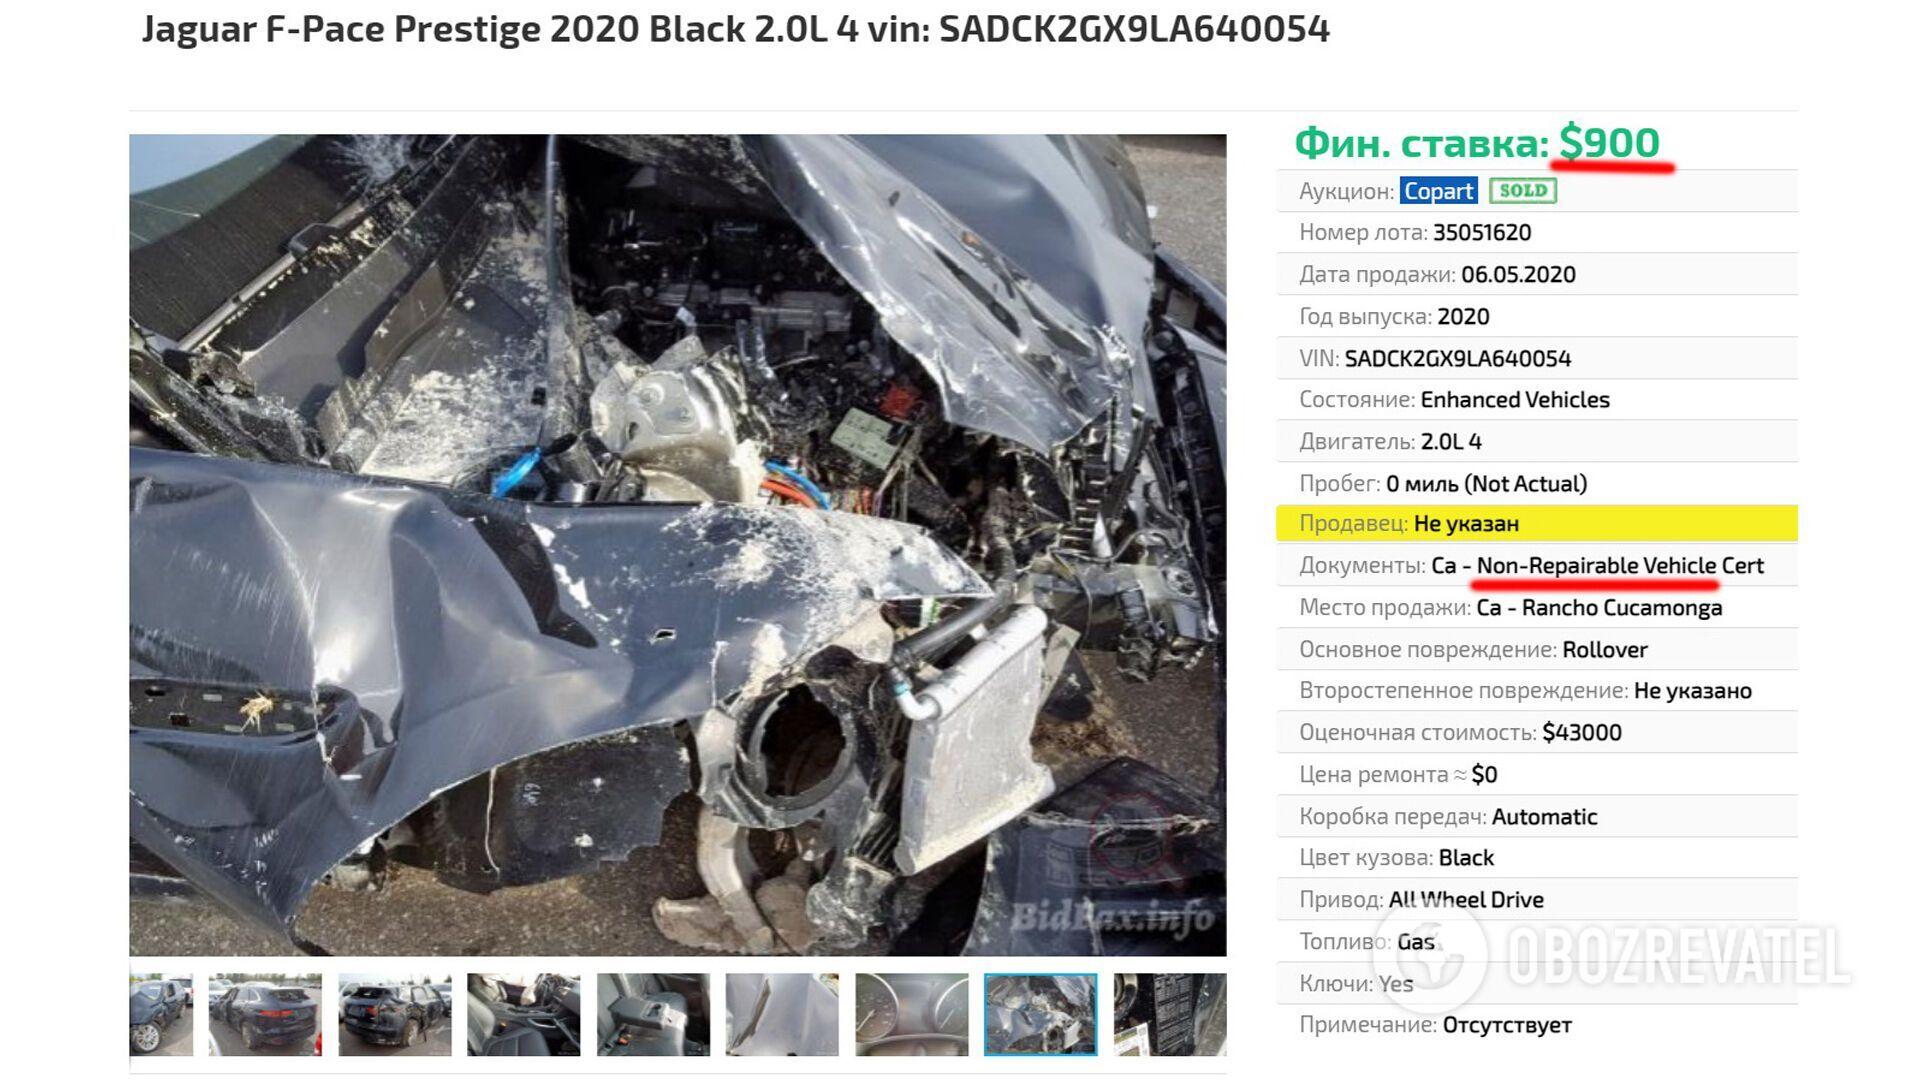 Вот как выглядел этот автомобиль до того, как его приобрели на аукционе